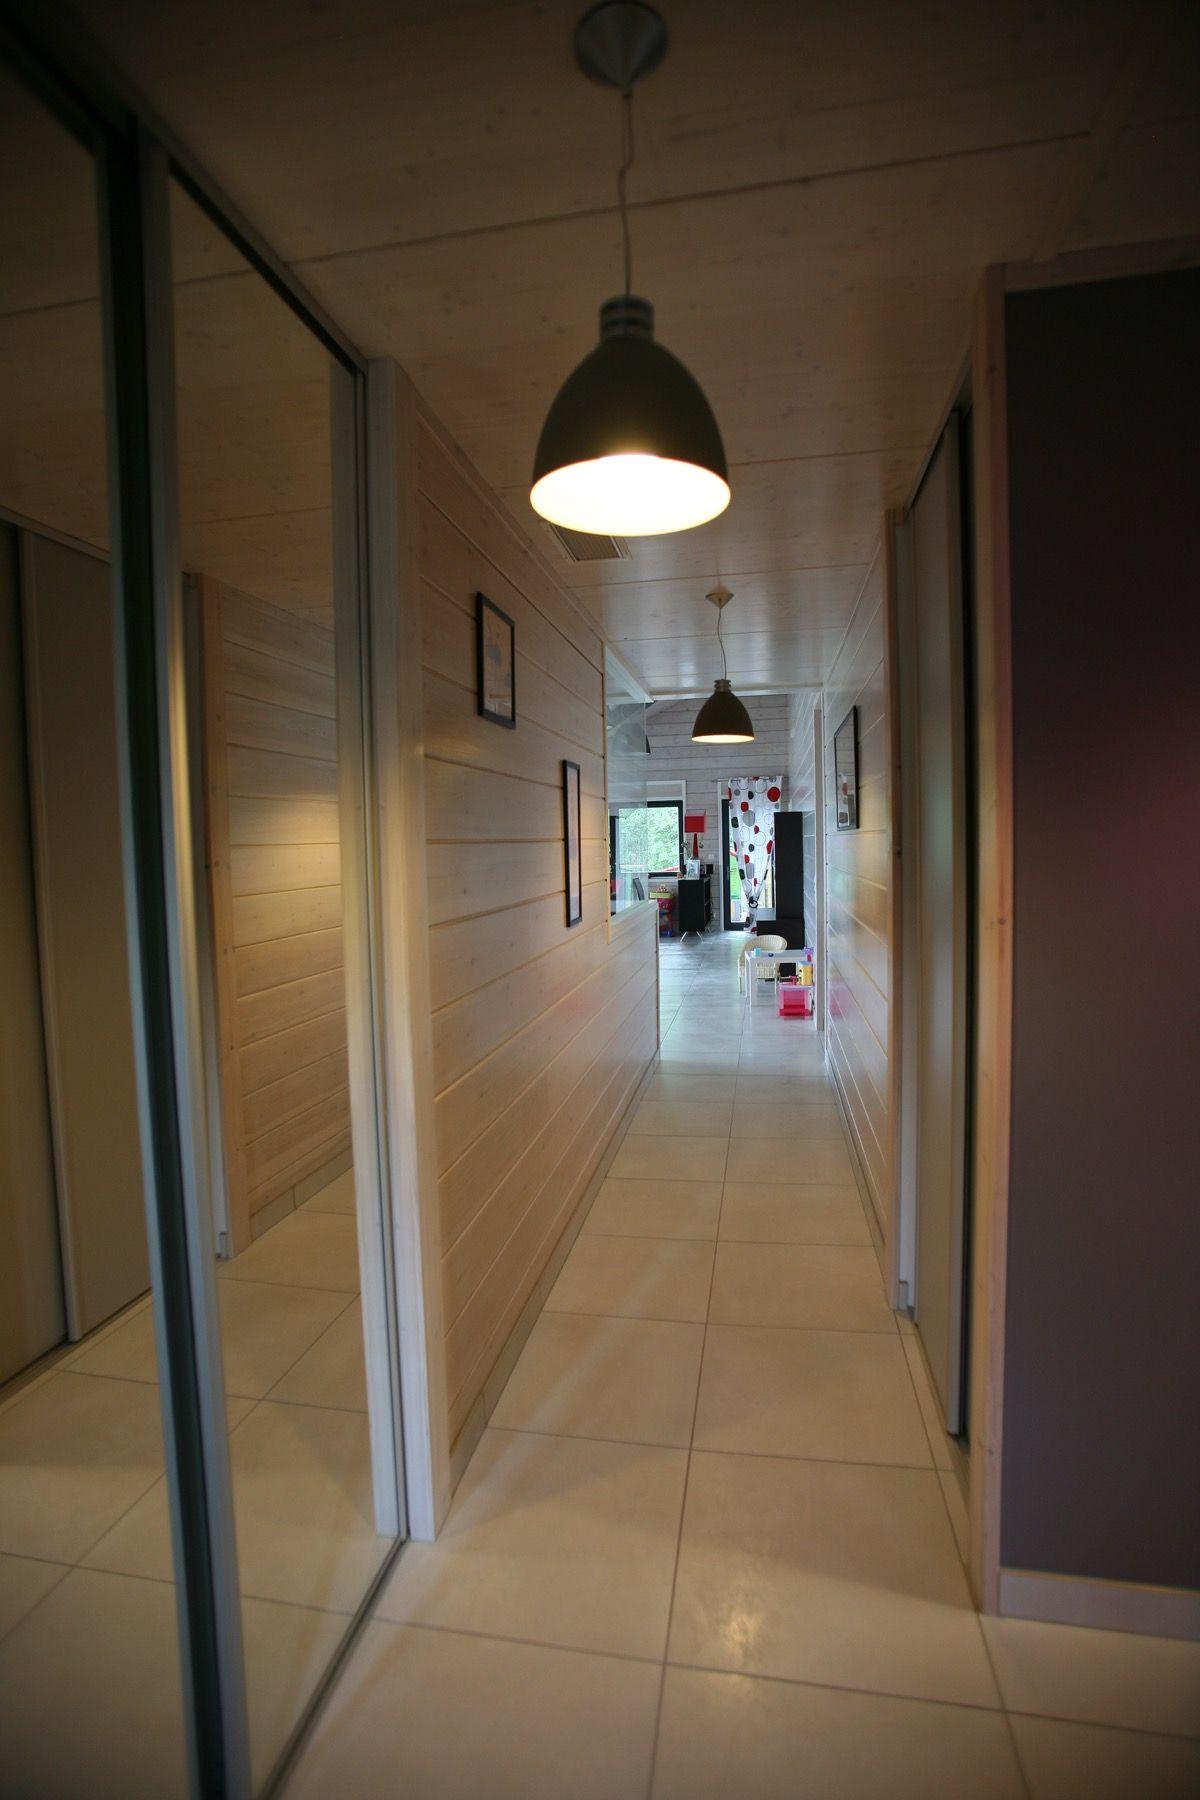 Grand couloir traversant une maison en bois